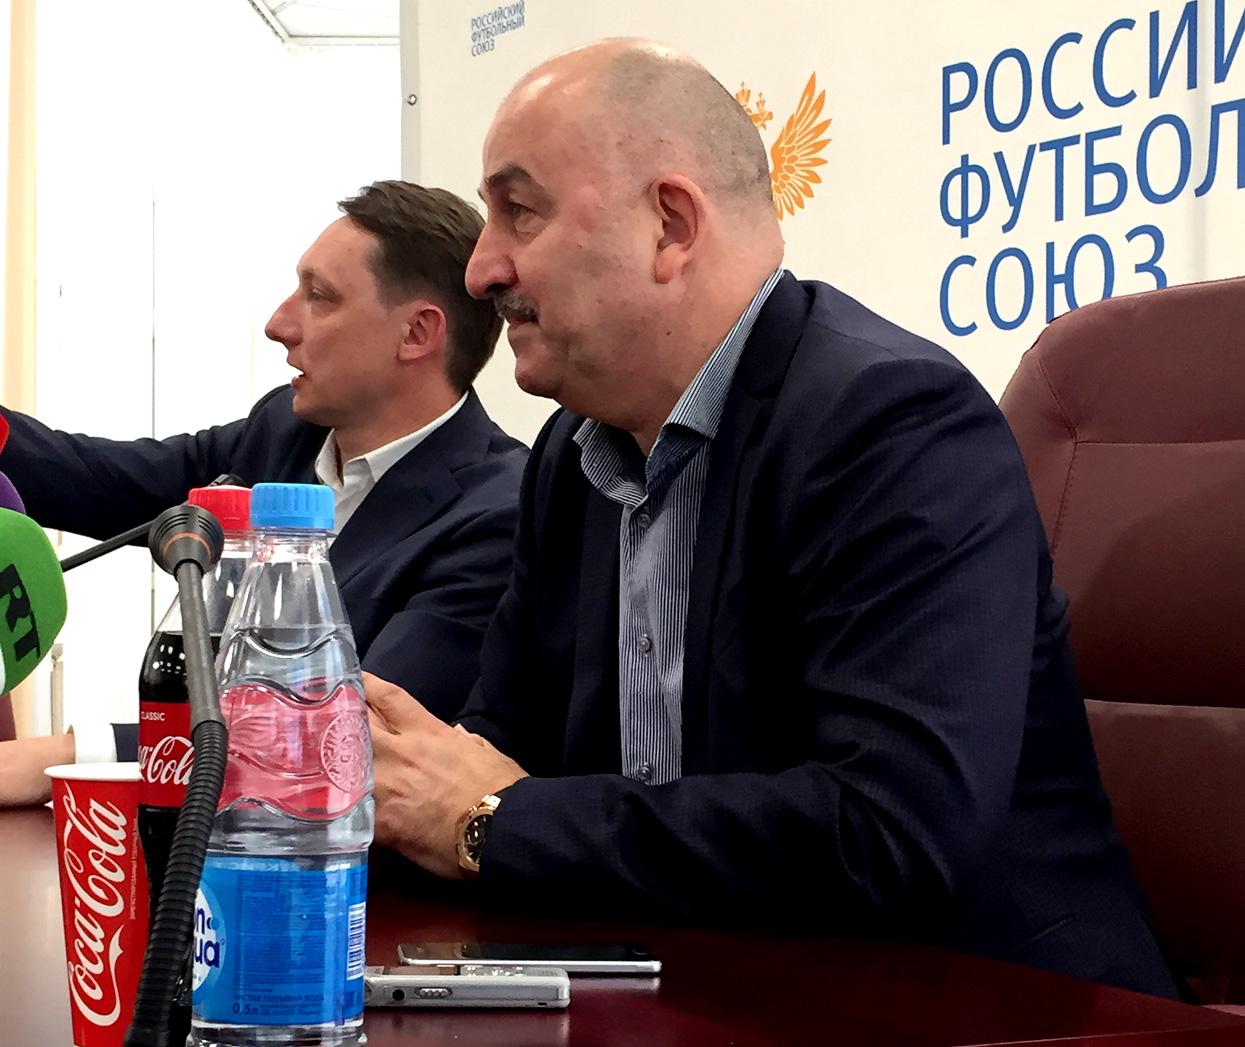 Пресс-конференция Станислава Черчесова. Фото: